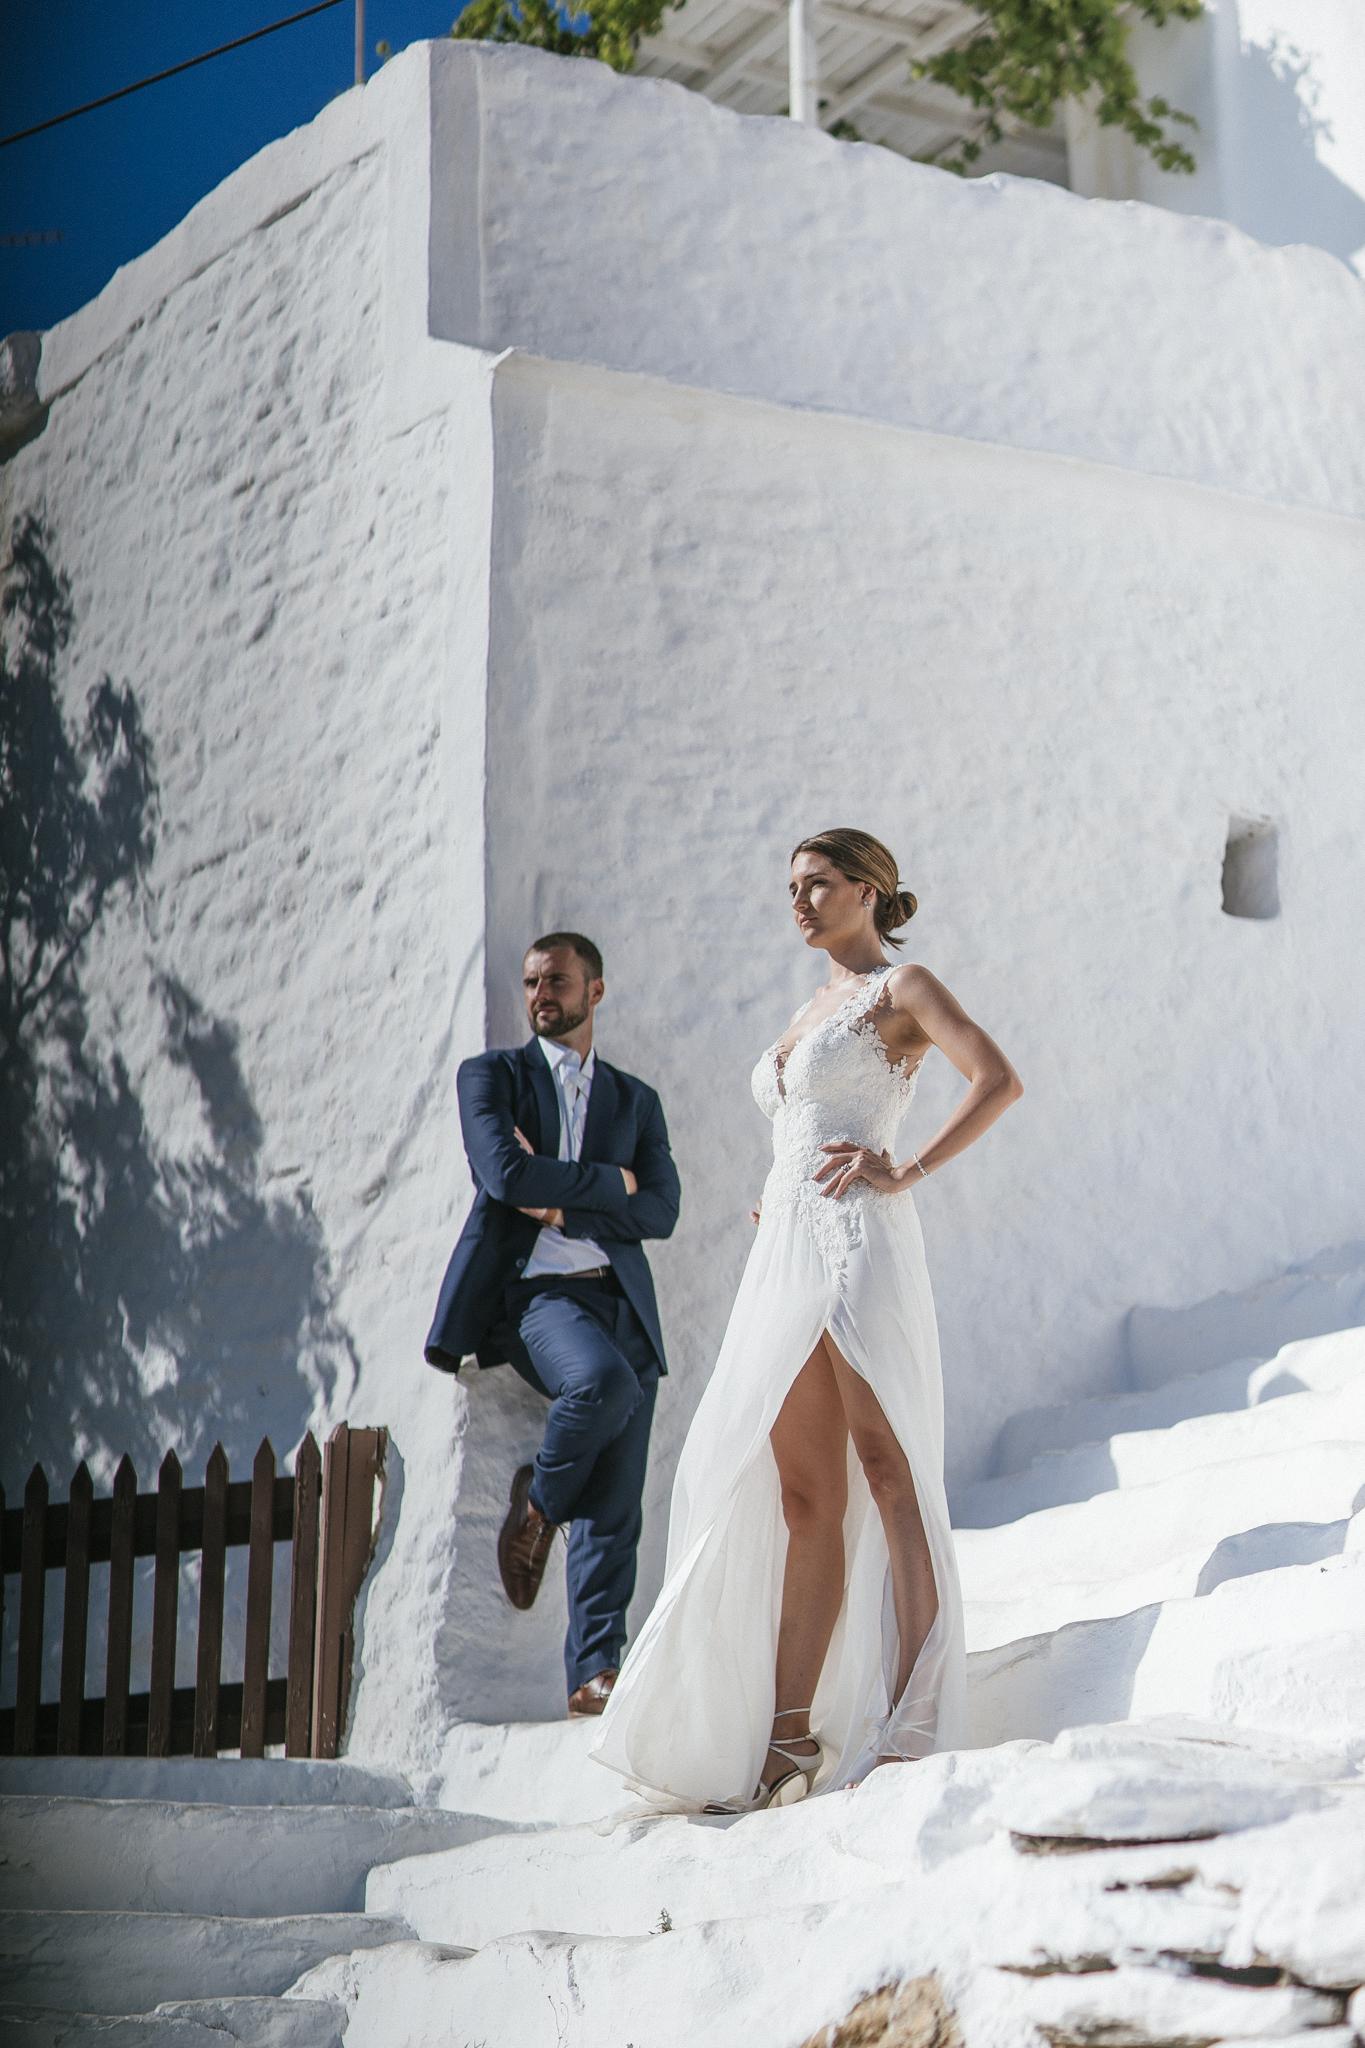 φωτογραφια γάμου lulumeli